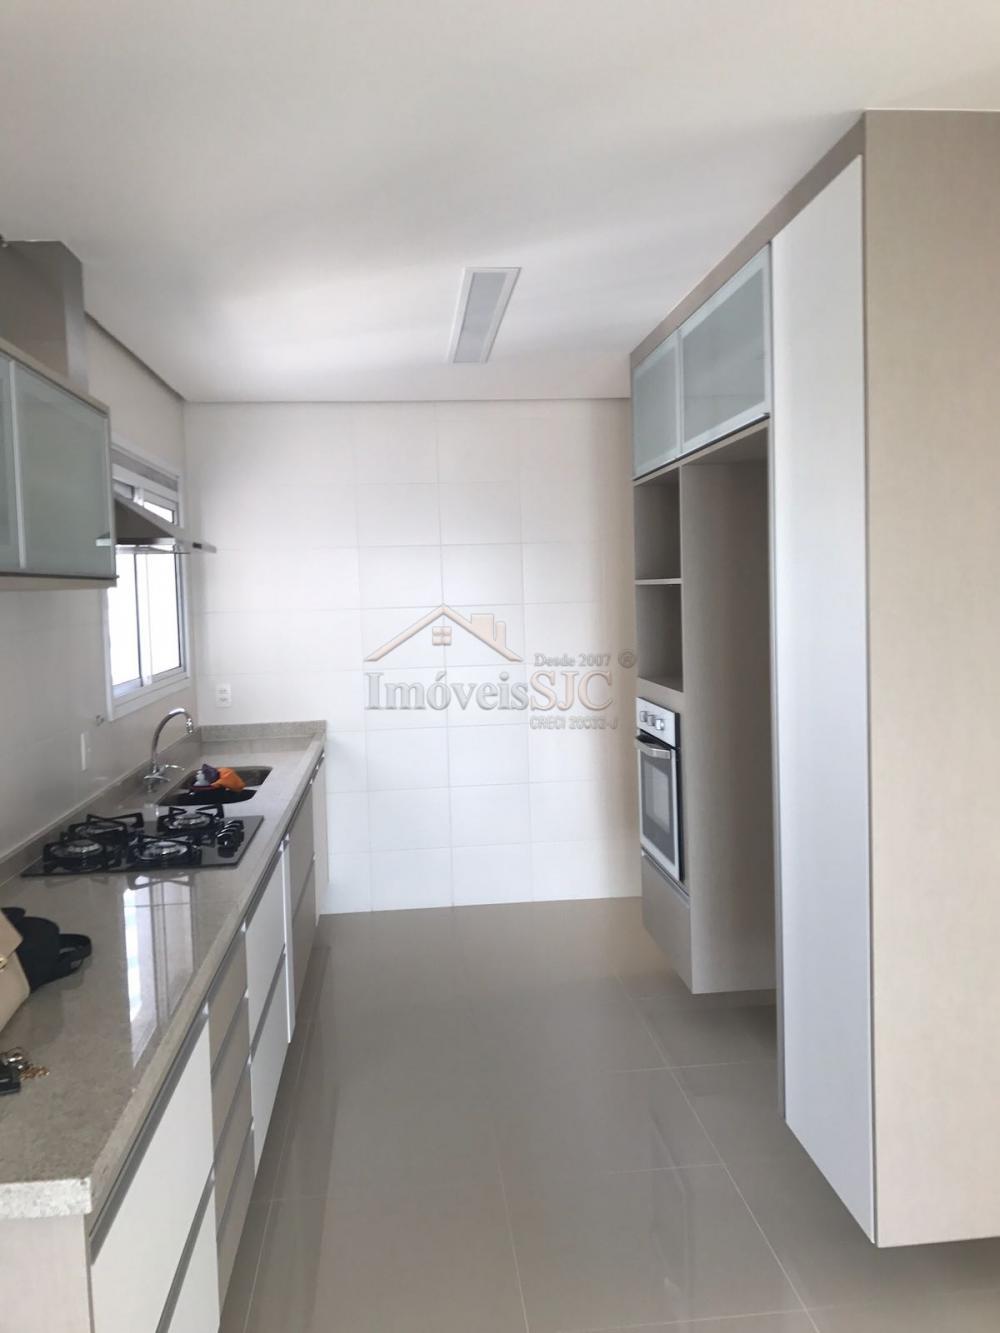 Alugar Apartamentos / Padrão em São José dos Campos apenas R$ 7.000,00 - Foto 6